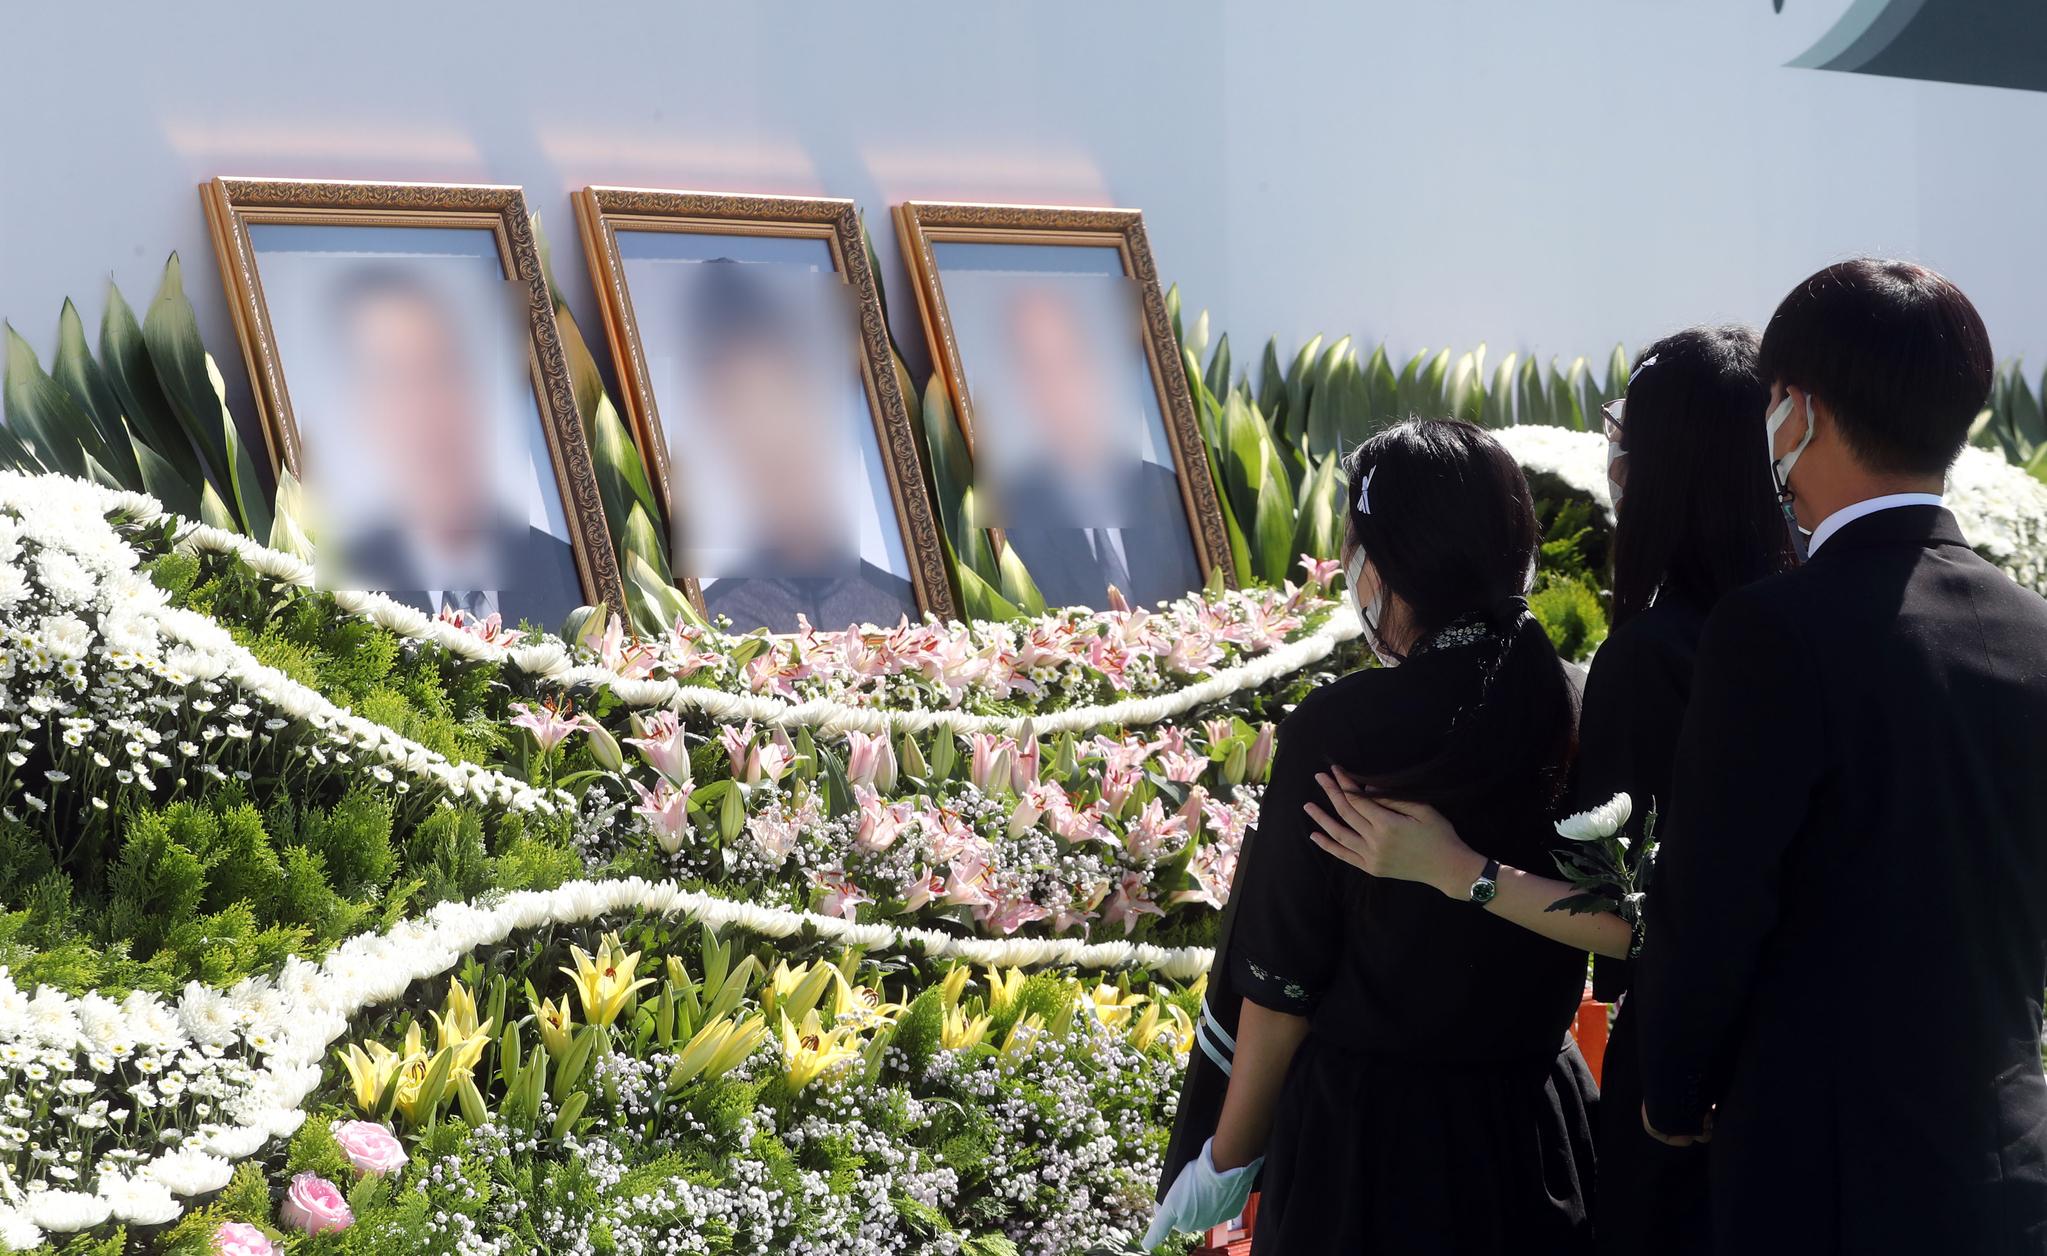 20일 오전 강원 춘천시청 앞 광장에서 지난달 6일 의암호 선박 전복사고로 숨지거나 실종된 기간제 근로자 3명의 영결식이 열려 유가족이 영정사진을 보며 오열하고 있다. 연합뉴스